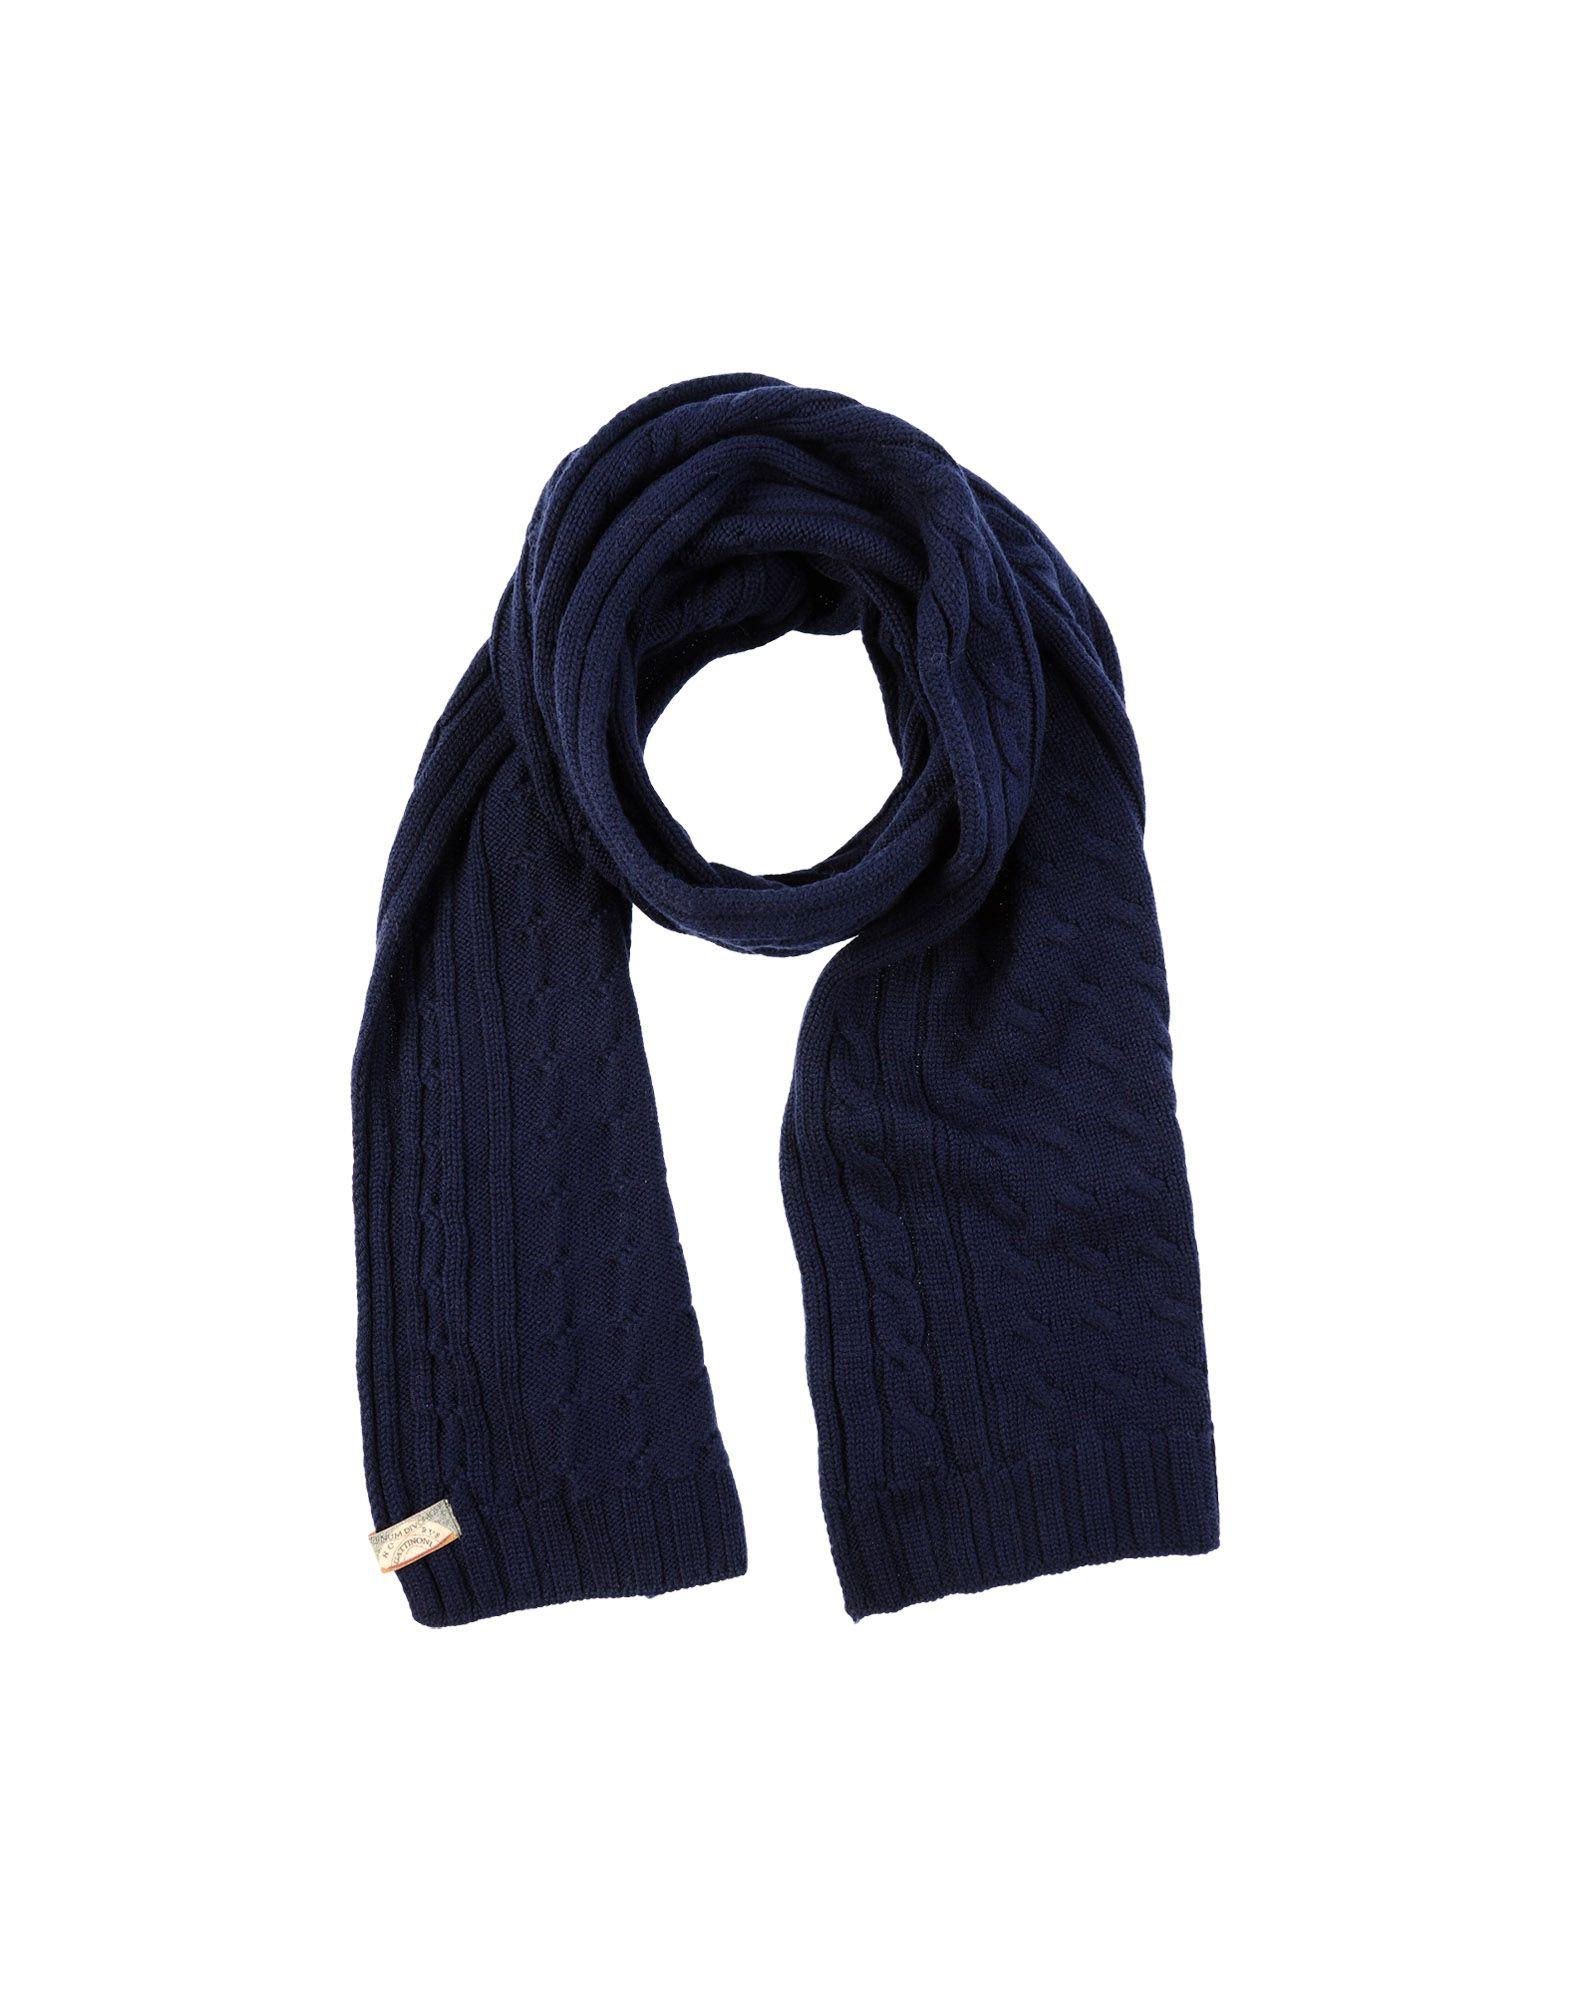 ACCESSORIES - Oblong scarves Mattabisch gMwR1sapz